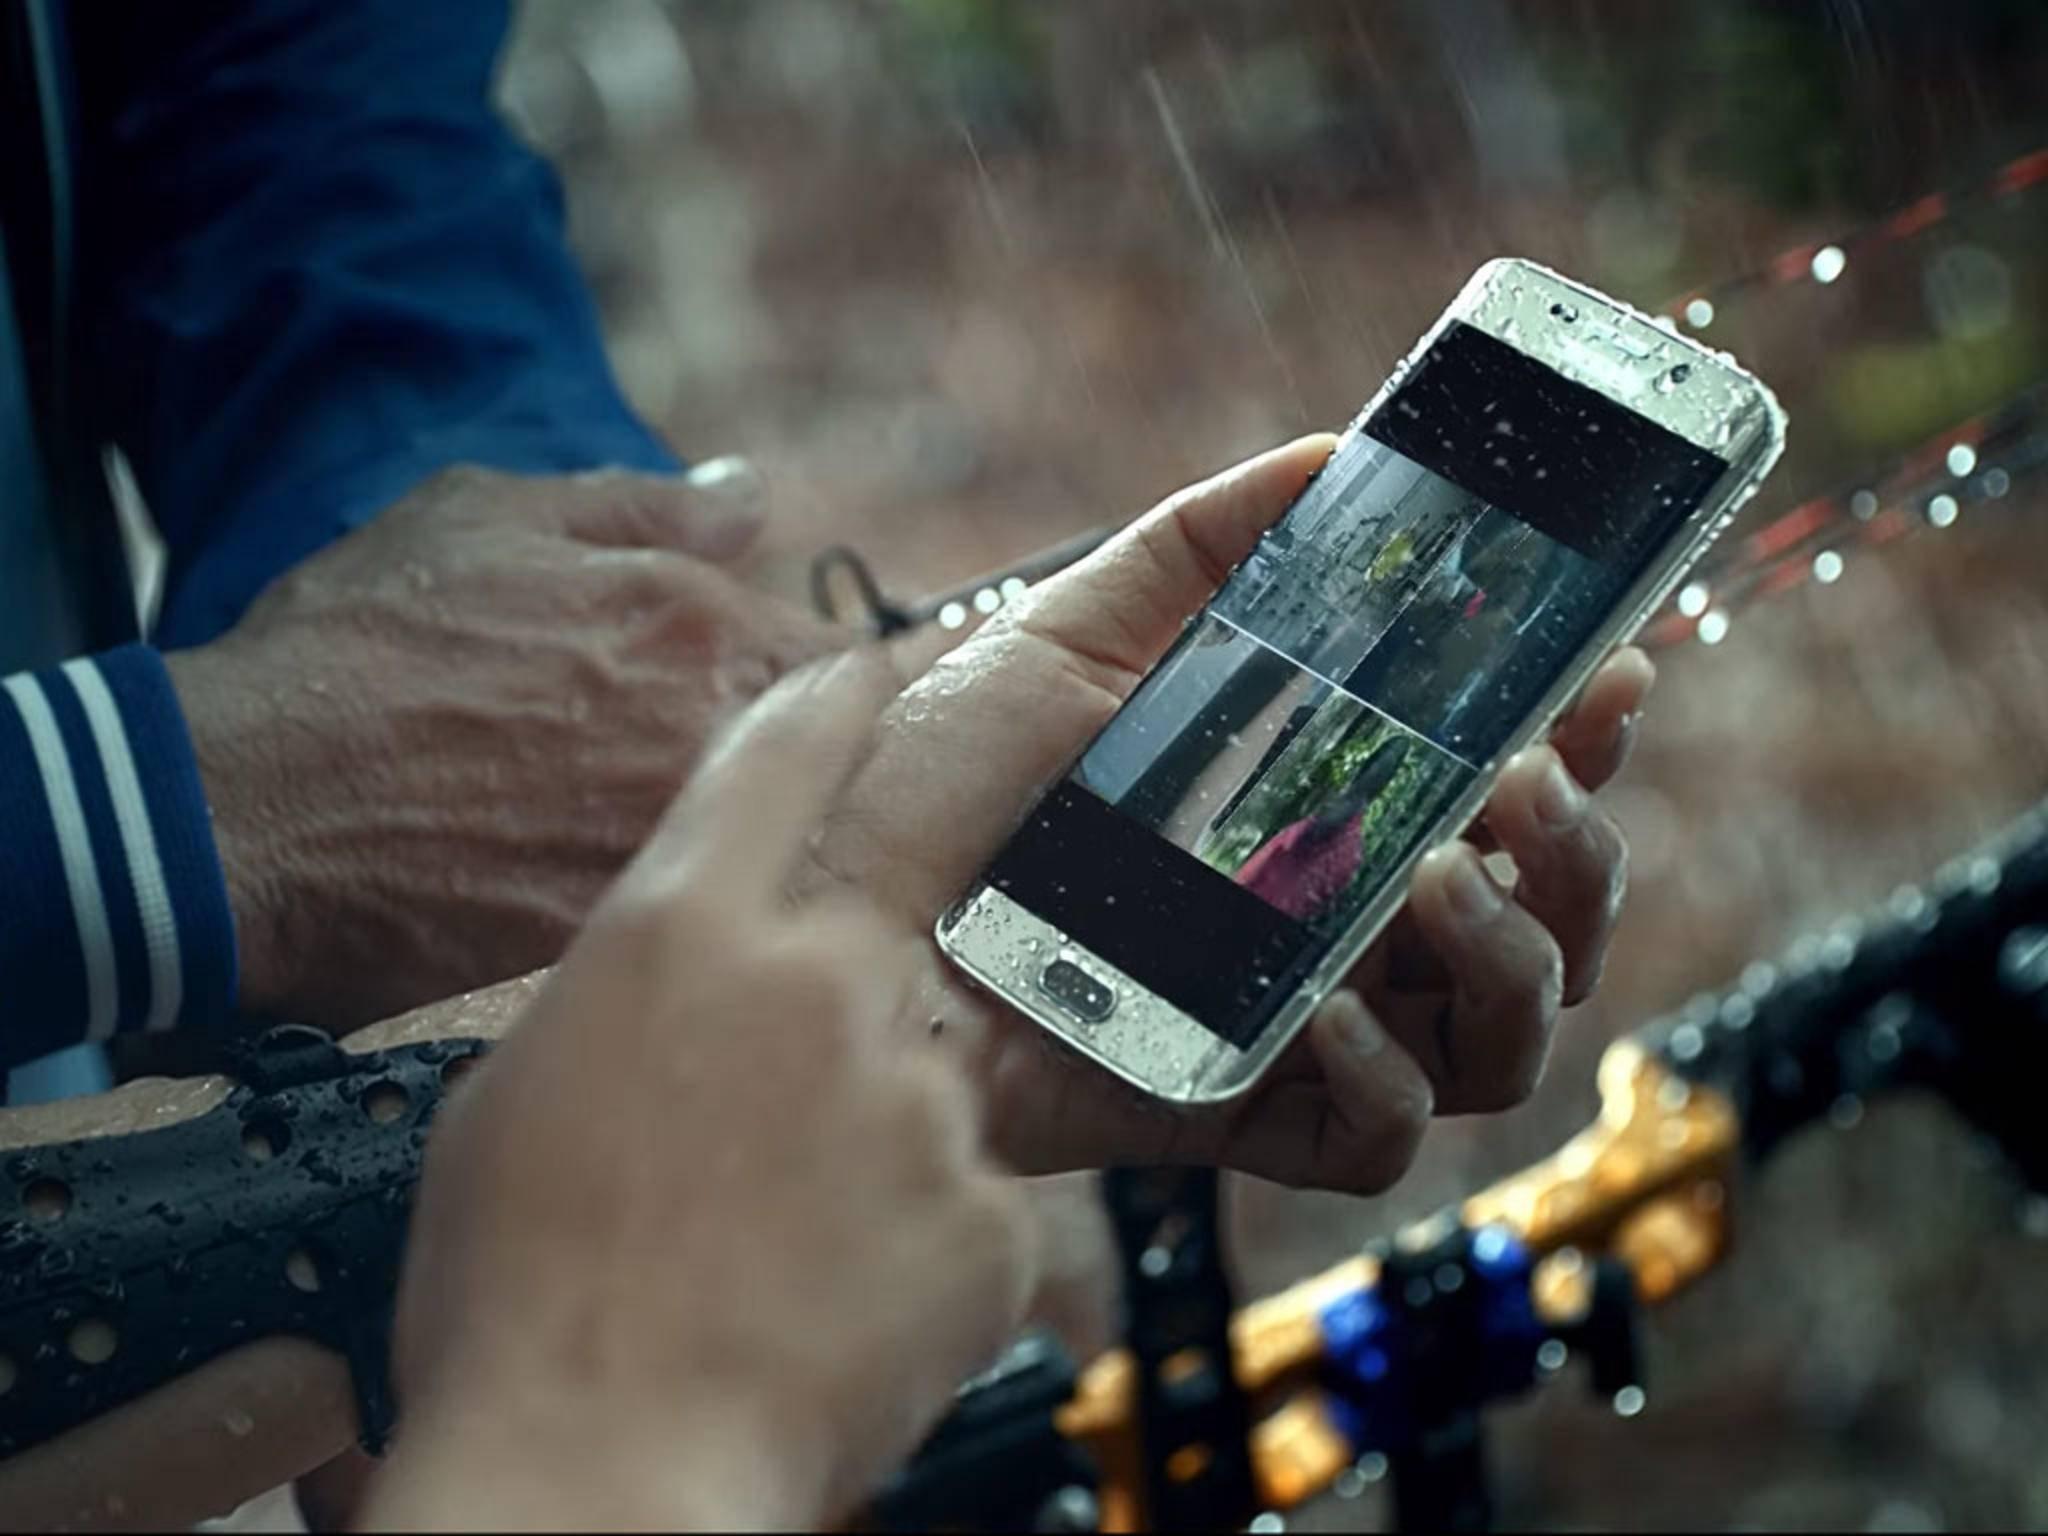 Das Samsung Galaxy S7 Edge zeigte sich schon vor dem MWC in zahlreichen Leaks.